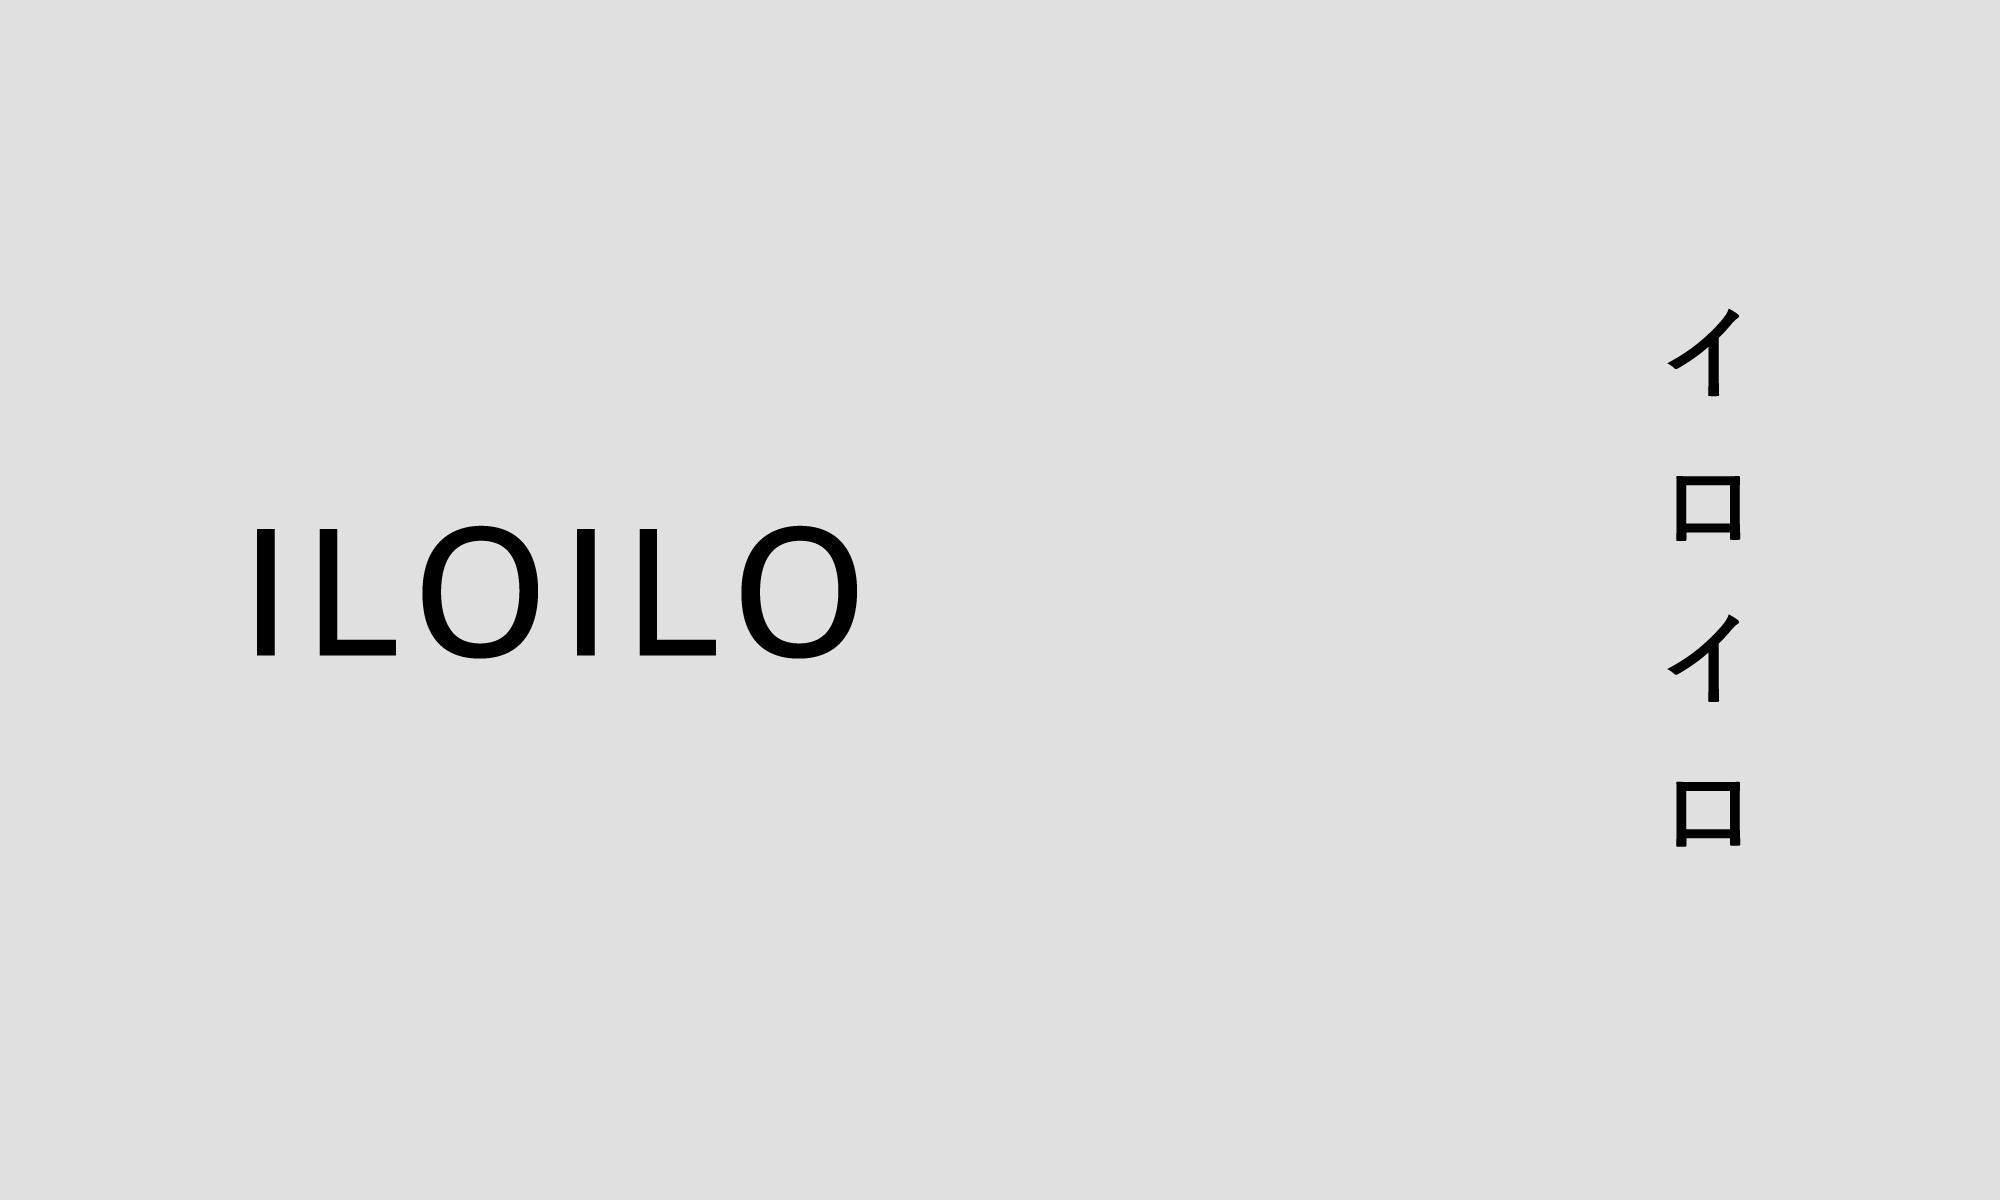 Iloiro / イロイロという街